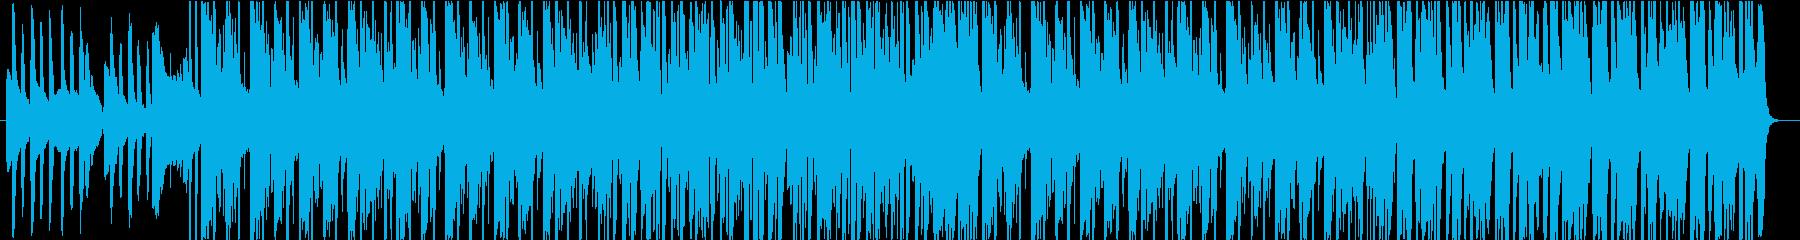 ★迷ったらコレ★カフェオシャレピアノの再生済みの波形